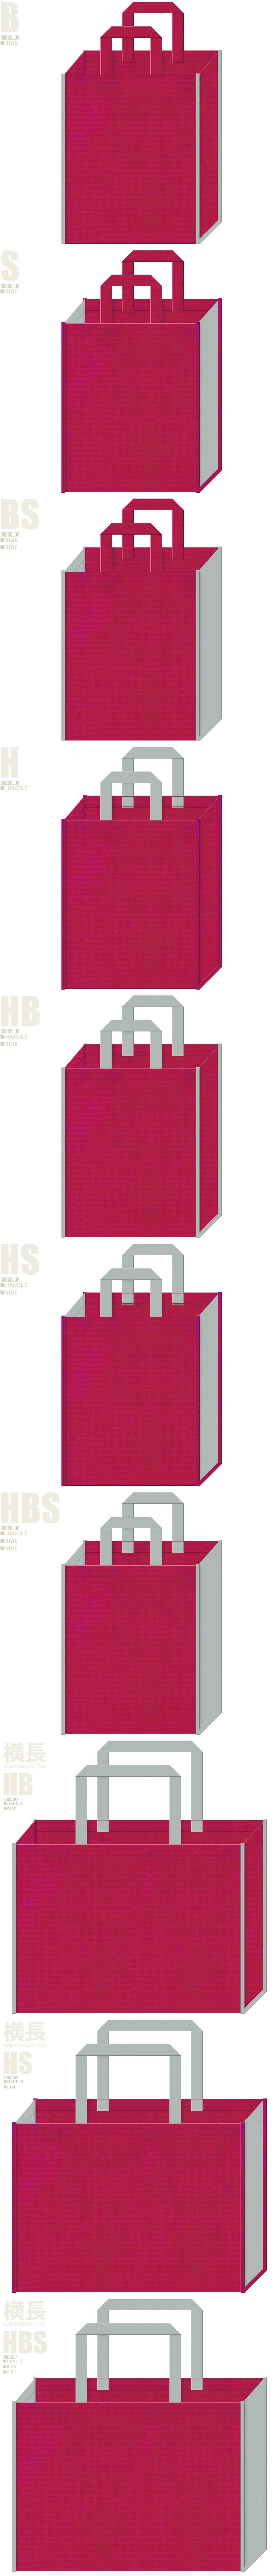 ロボット・ラジコン・プラモデル・ホビーの展示会用バッグにお奨めの不織布バッグデザイン:濃いピンク色とグレー色の配色7パターン